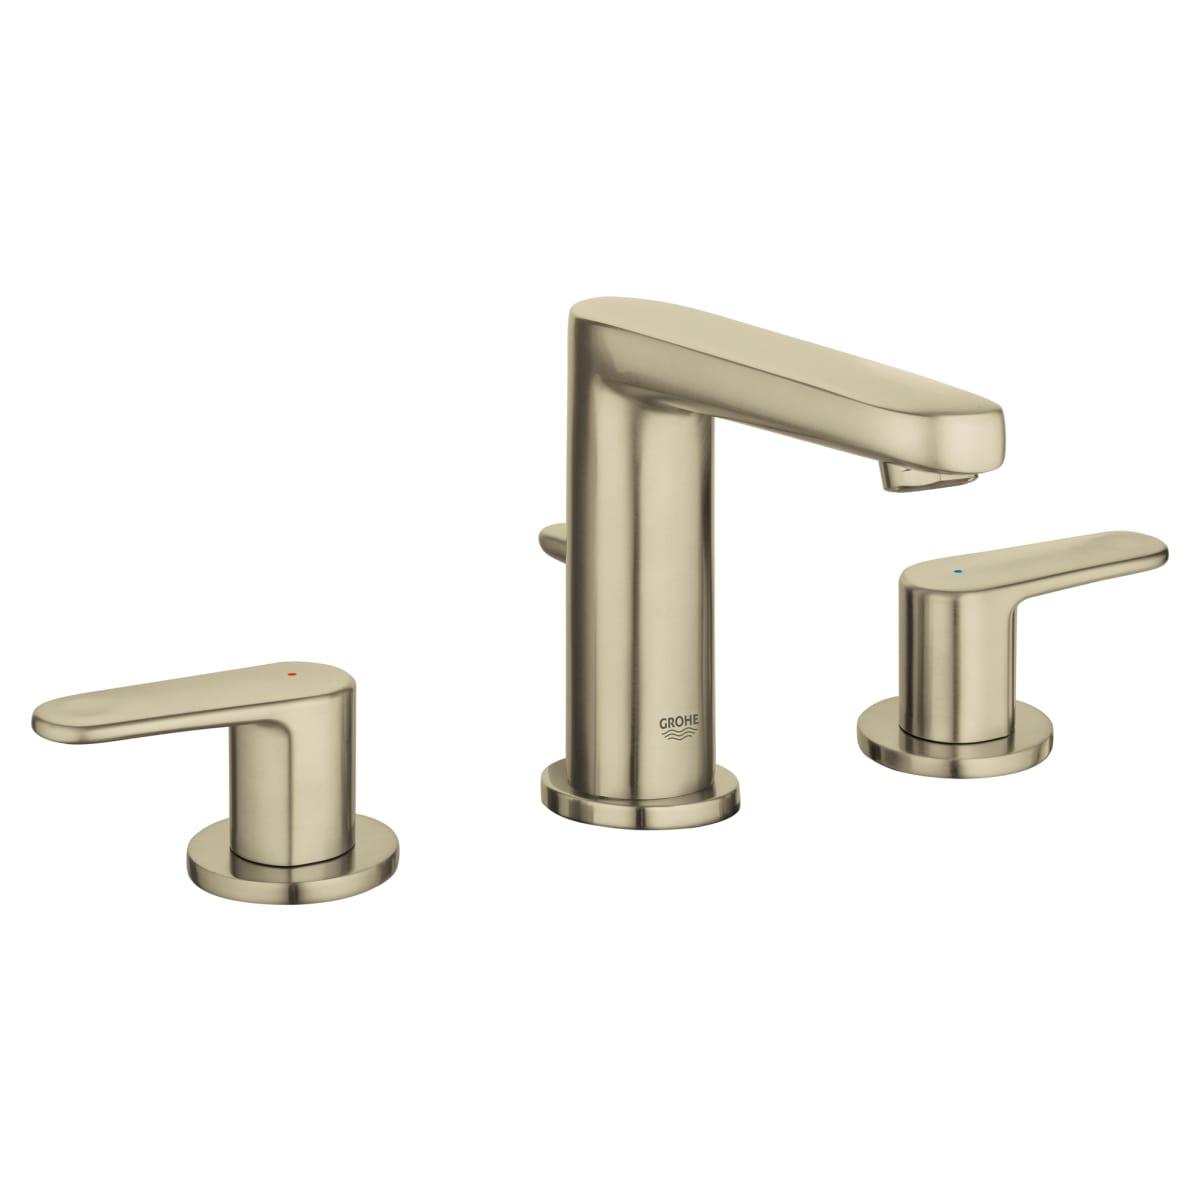 Grohe Bathroom Faucets Canada   Bathroom Faucet